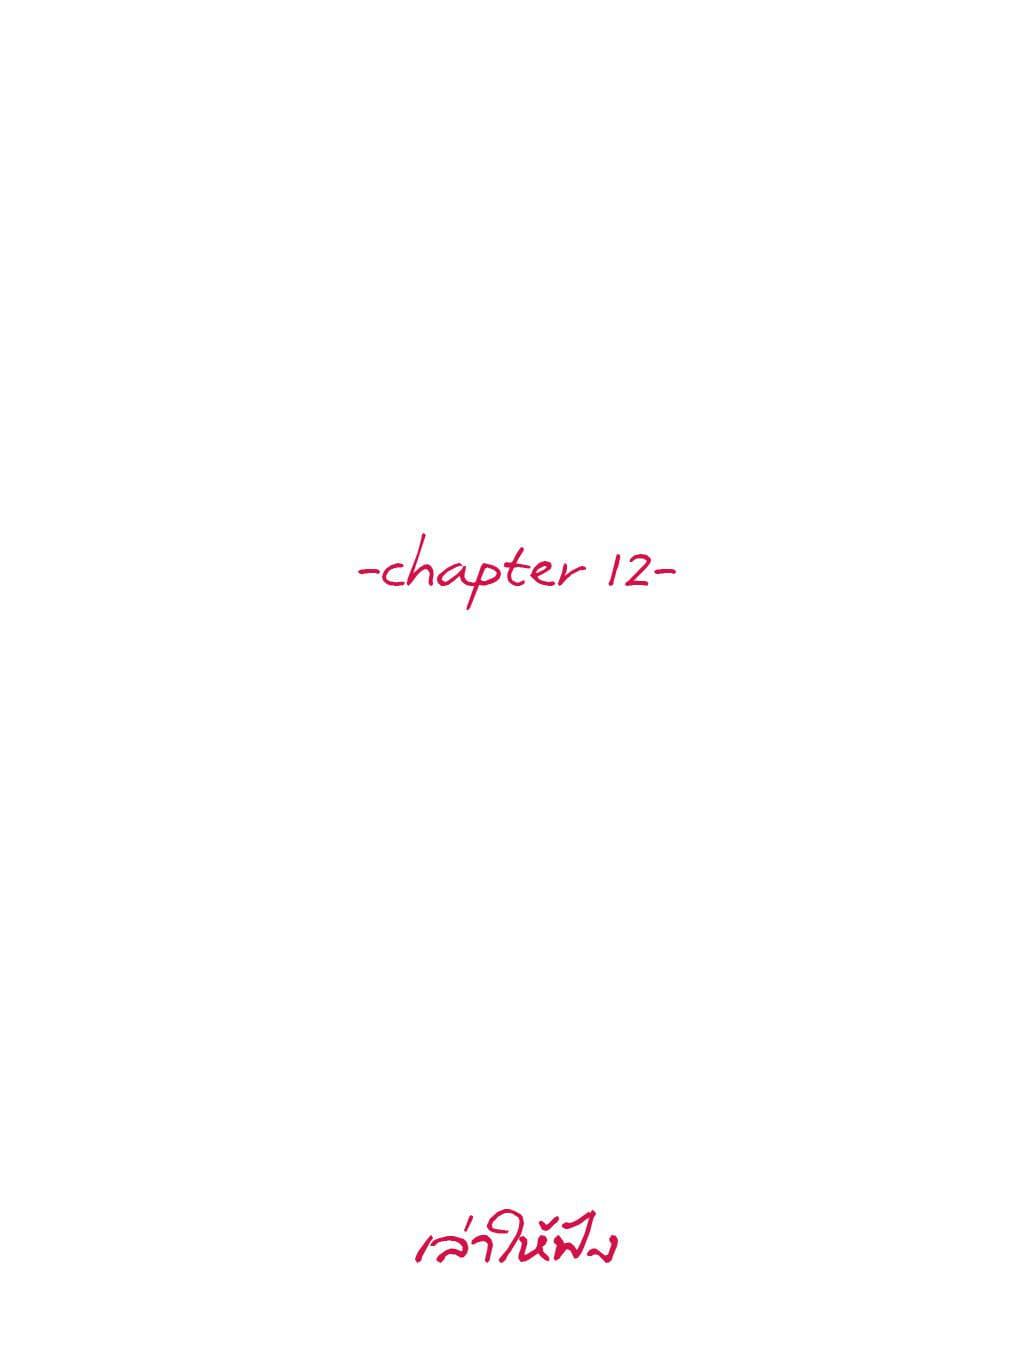 chapter 12 - เล่าให้ฟัง